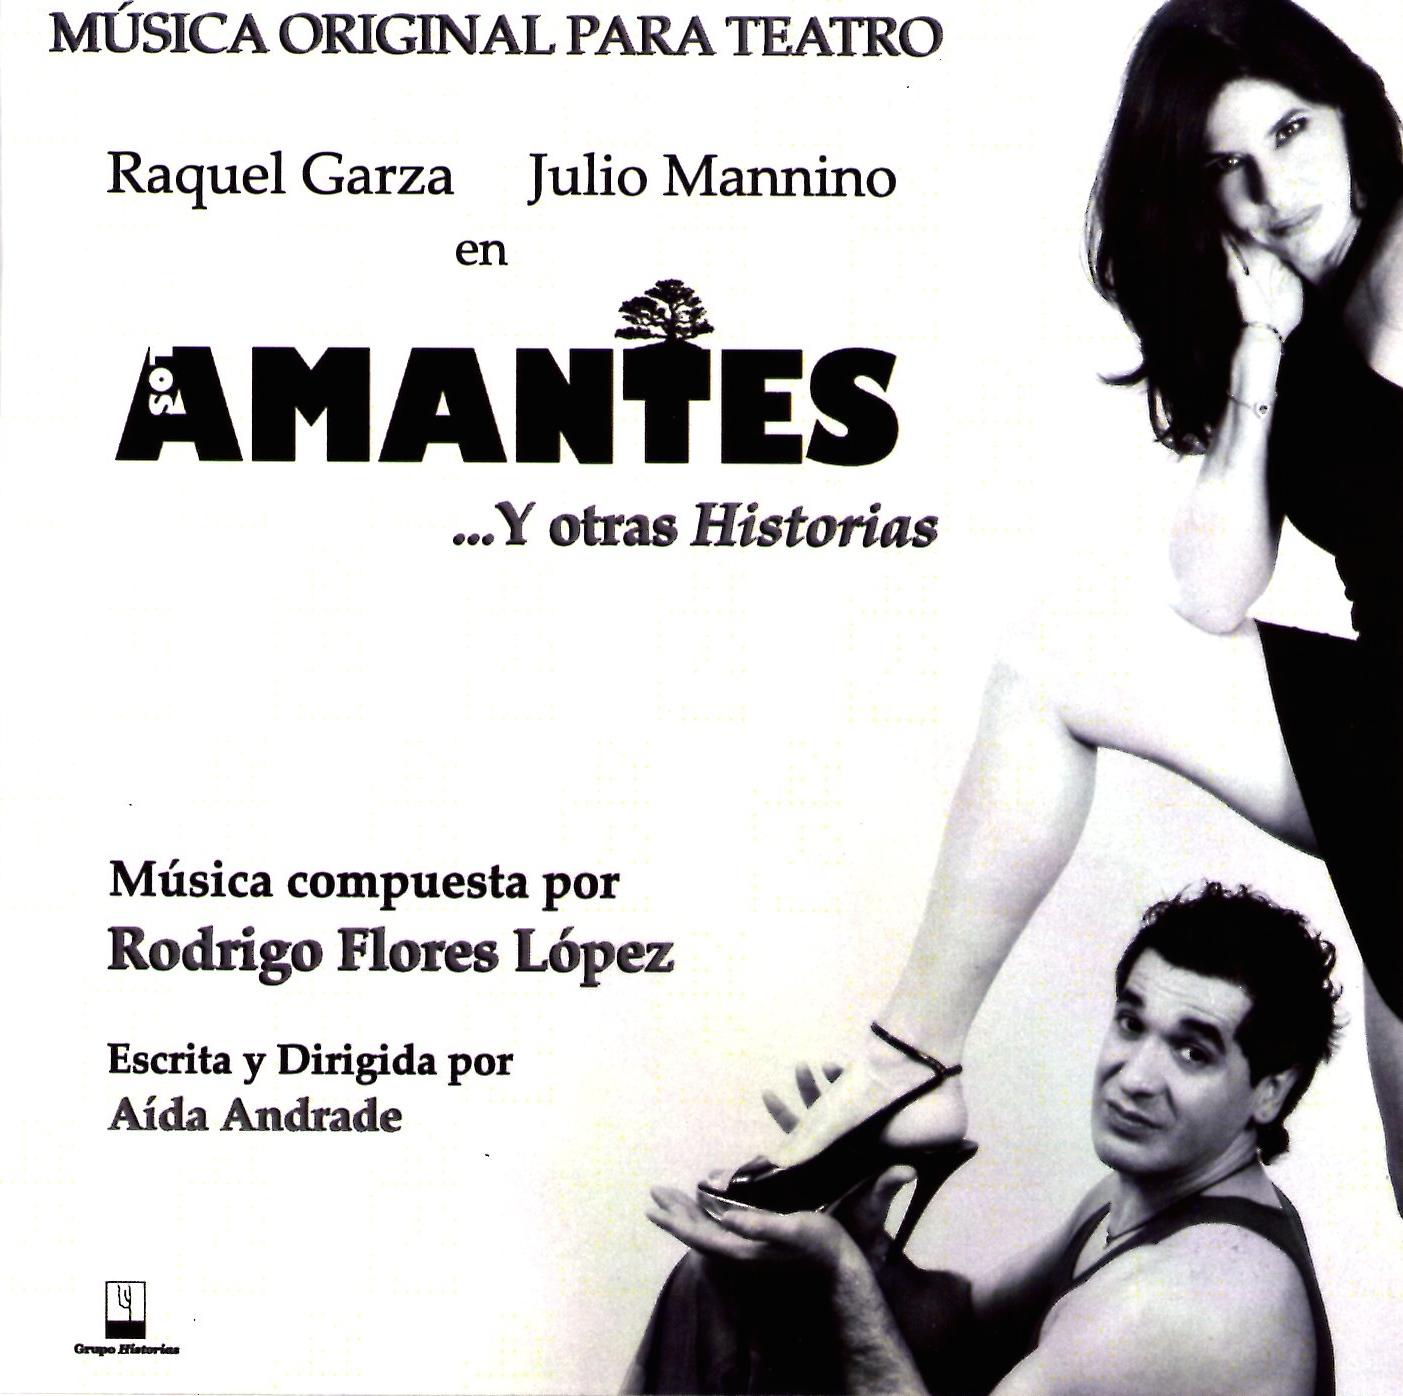 Los Amantes  Original Score (Limited Edition)